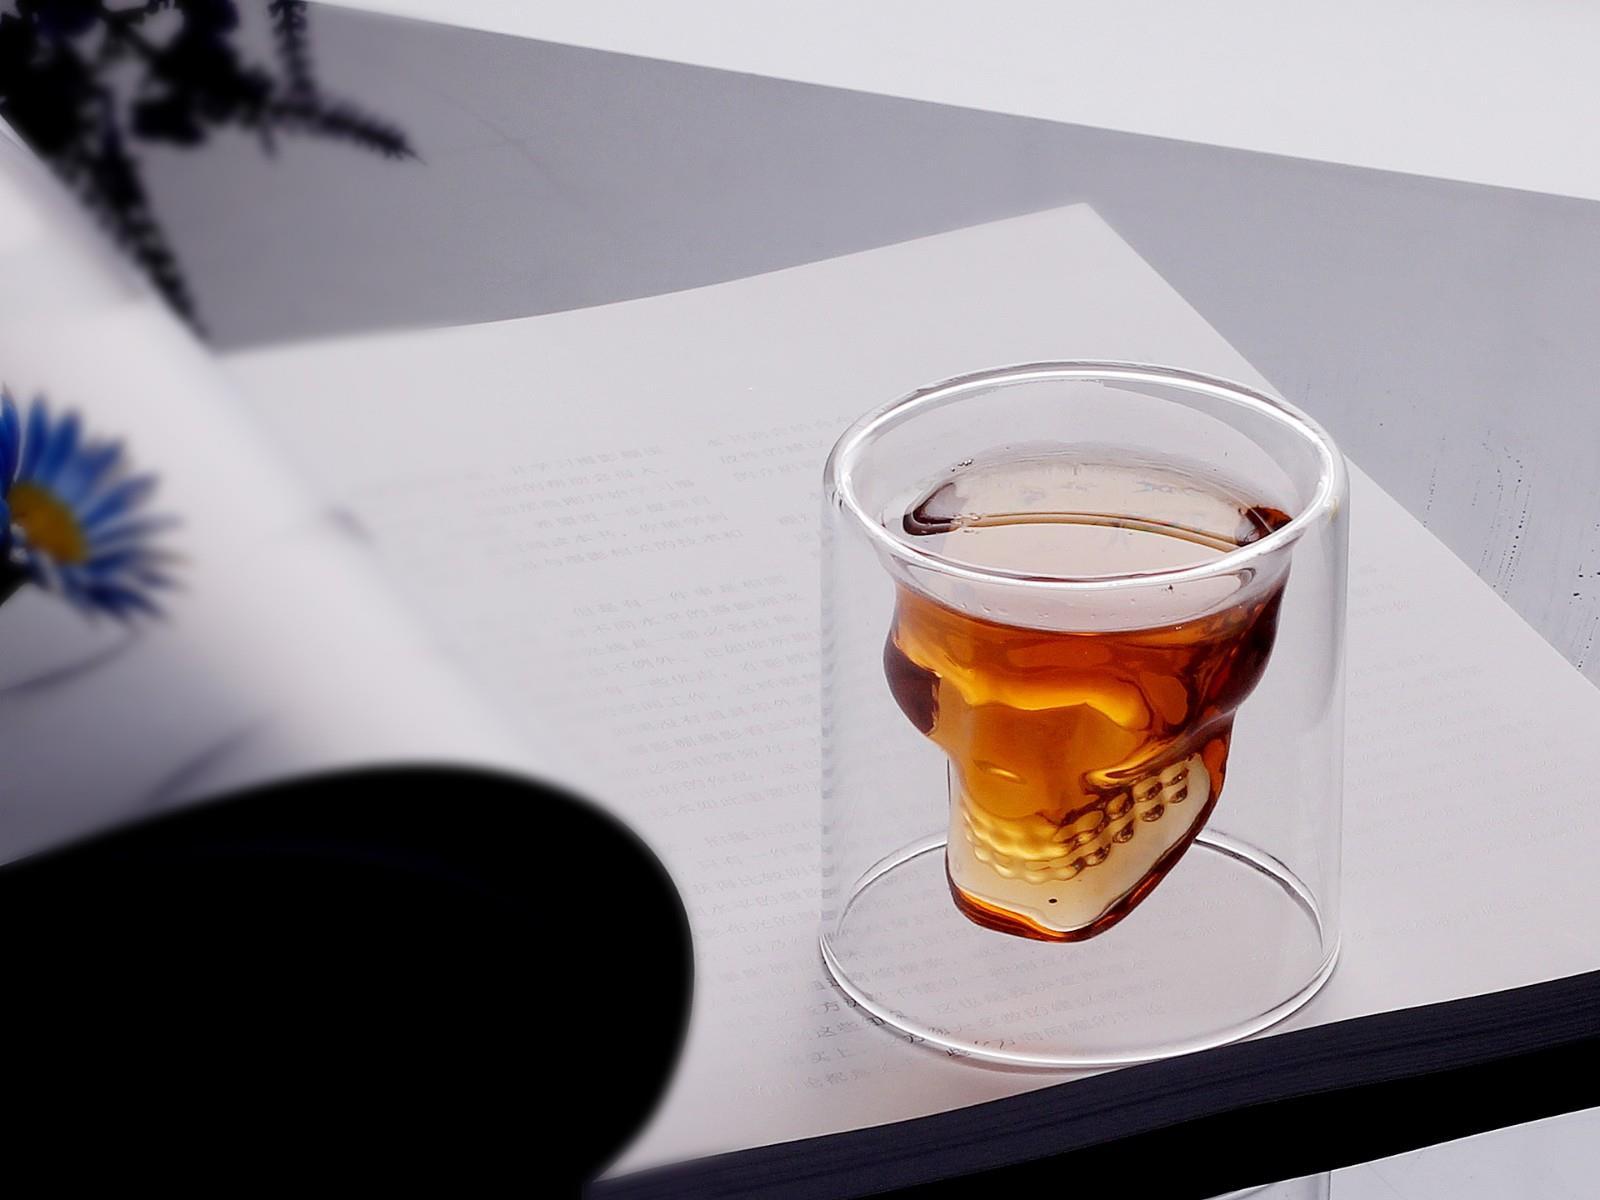 Фото виски в стакане